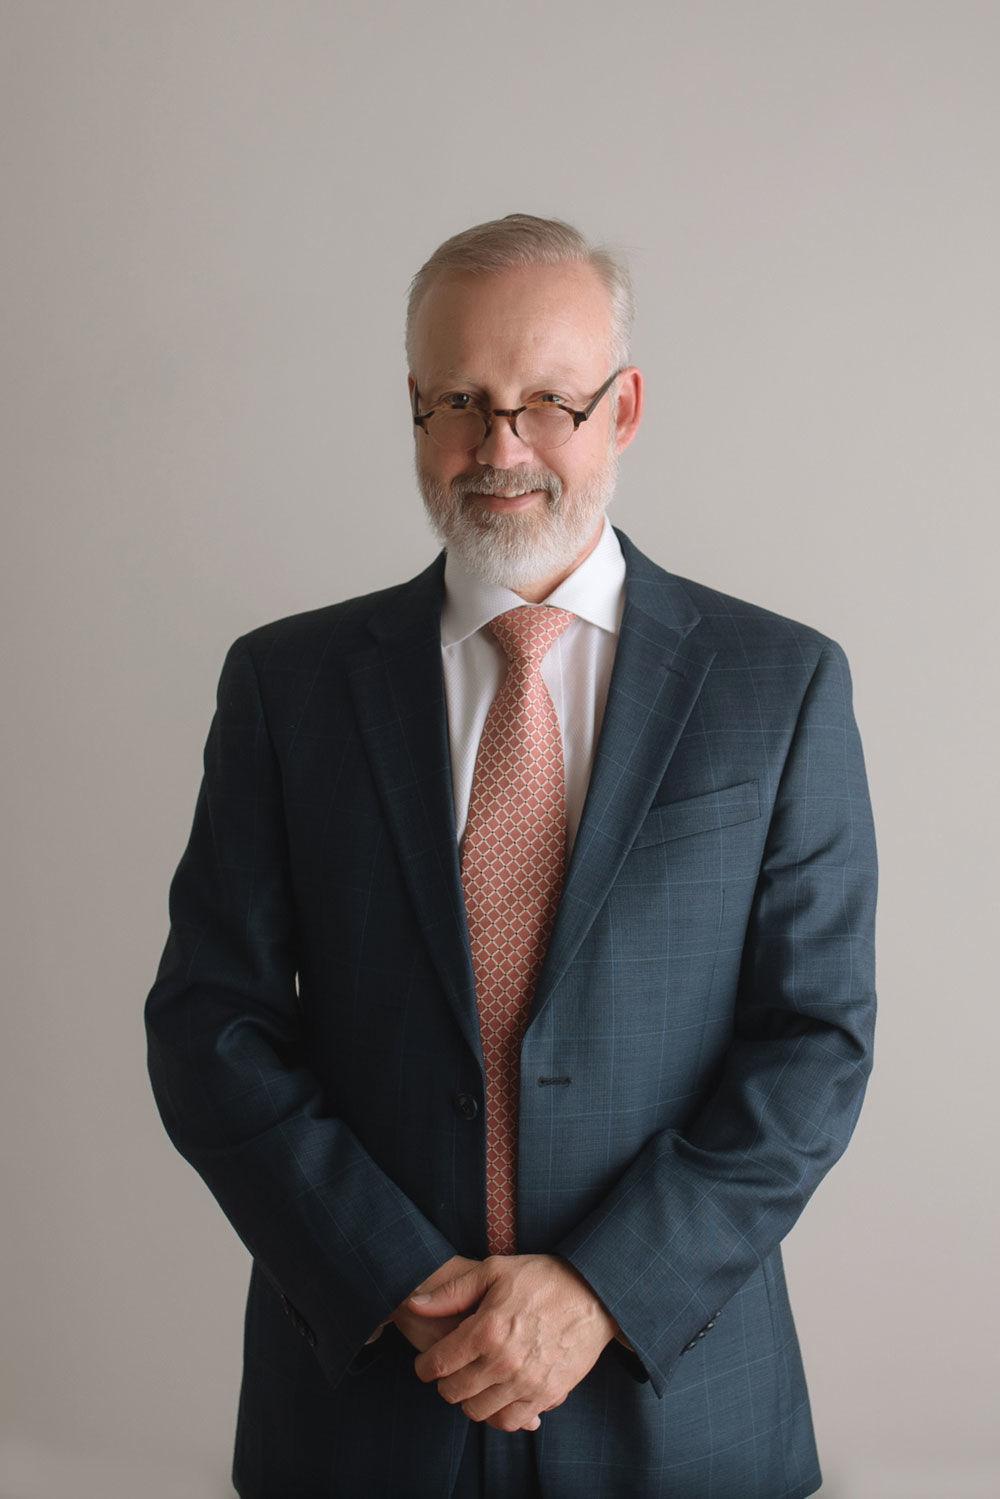 Dr. Jeffrey Marvel